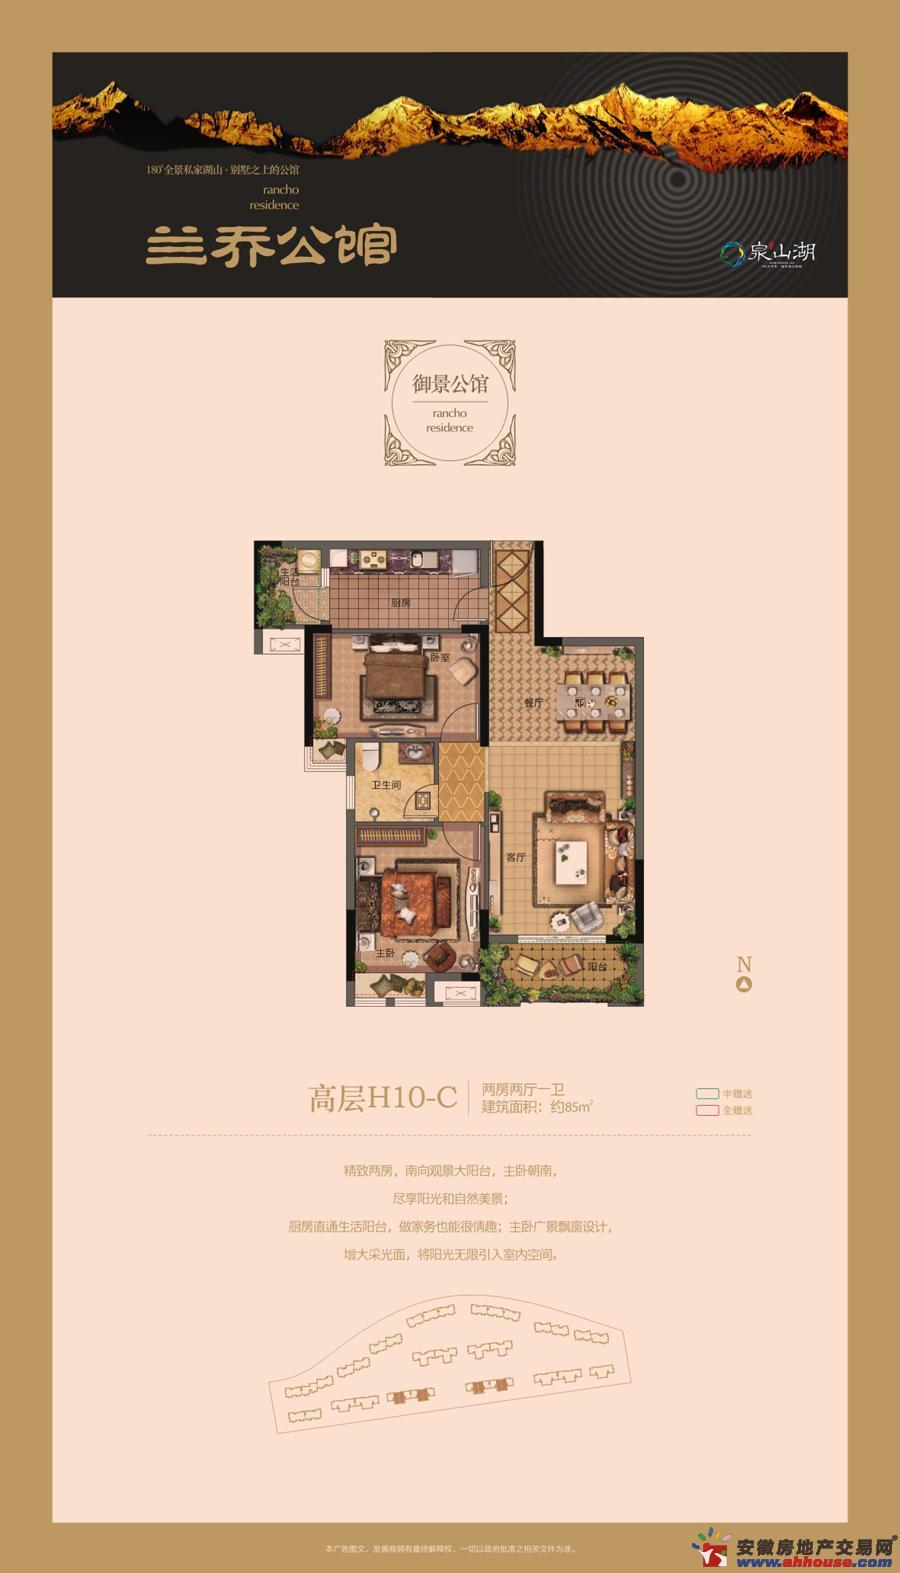 泉山湖·公园里_2室2厅1卫1厨